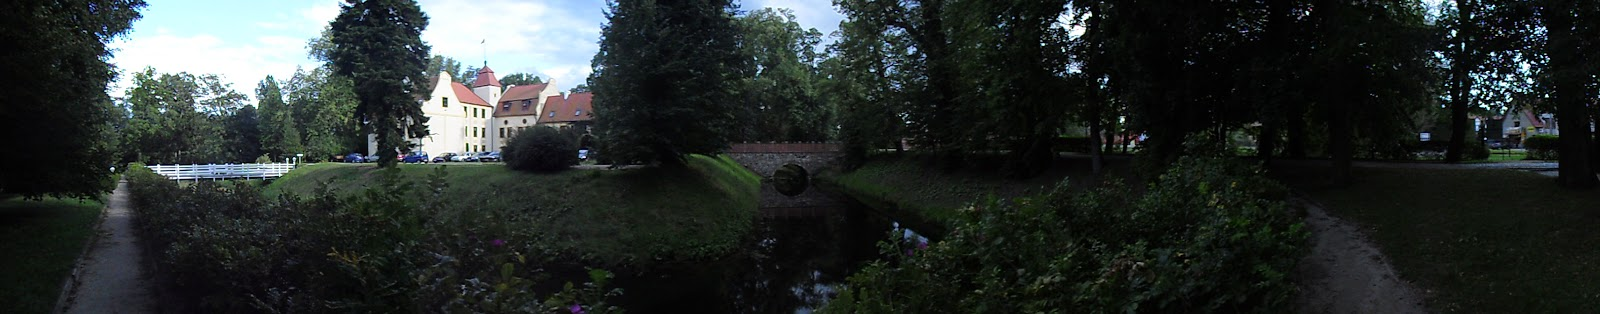 Pałac i park w Krokowej - zdjęcie panoramiczne